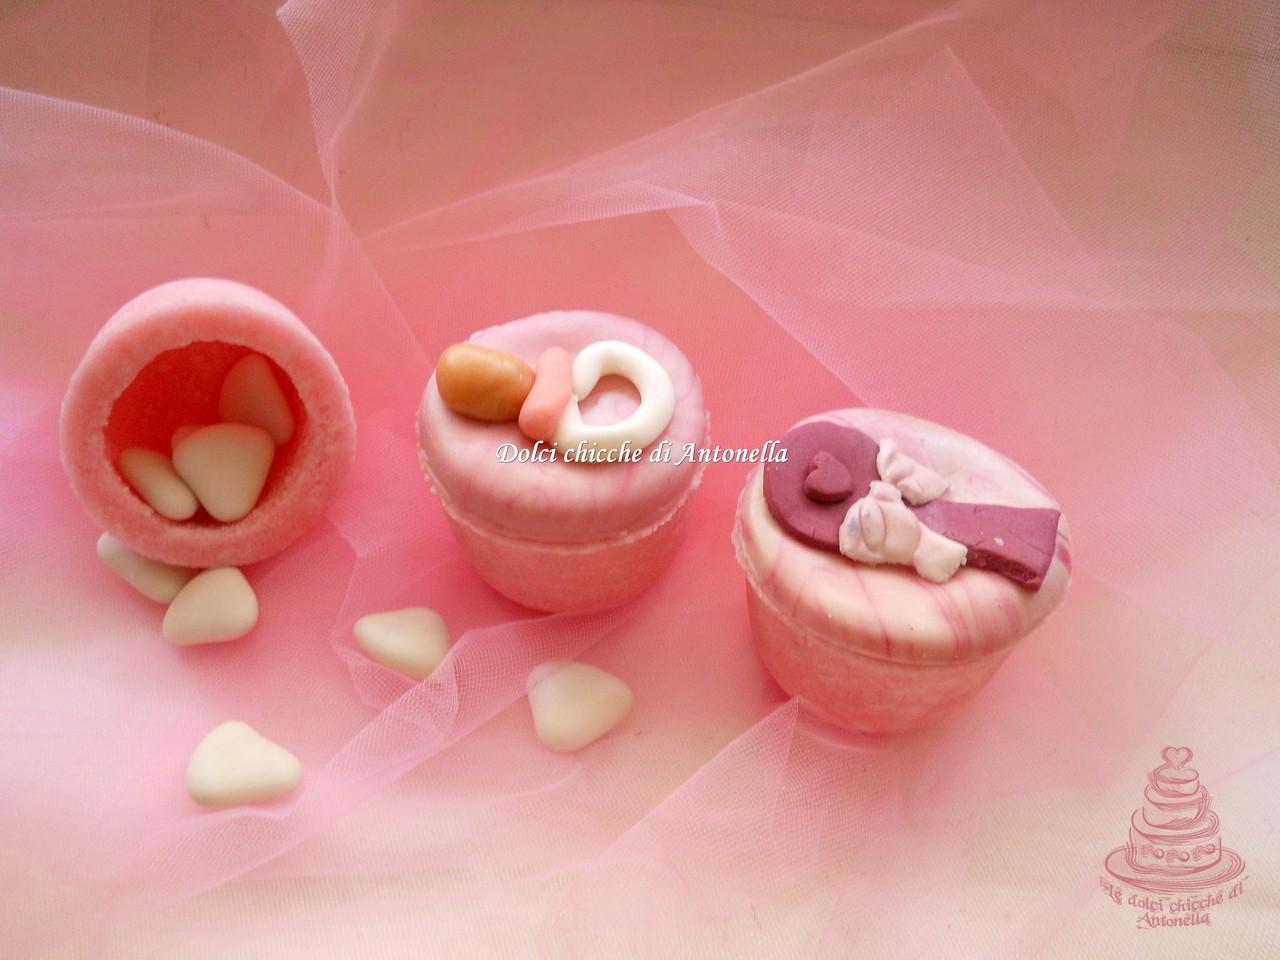 Vasetti per confetti. Interamente realizzati in zucchero con decorazioni in pasta di zucchero